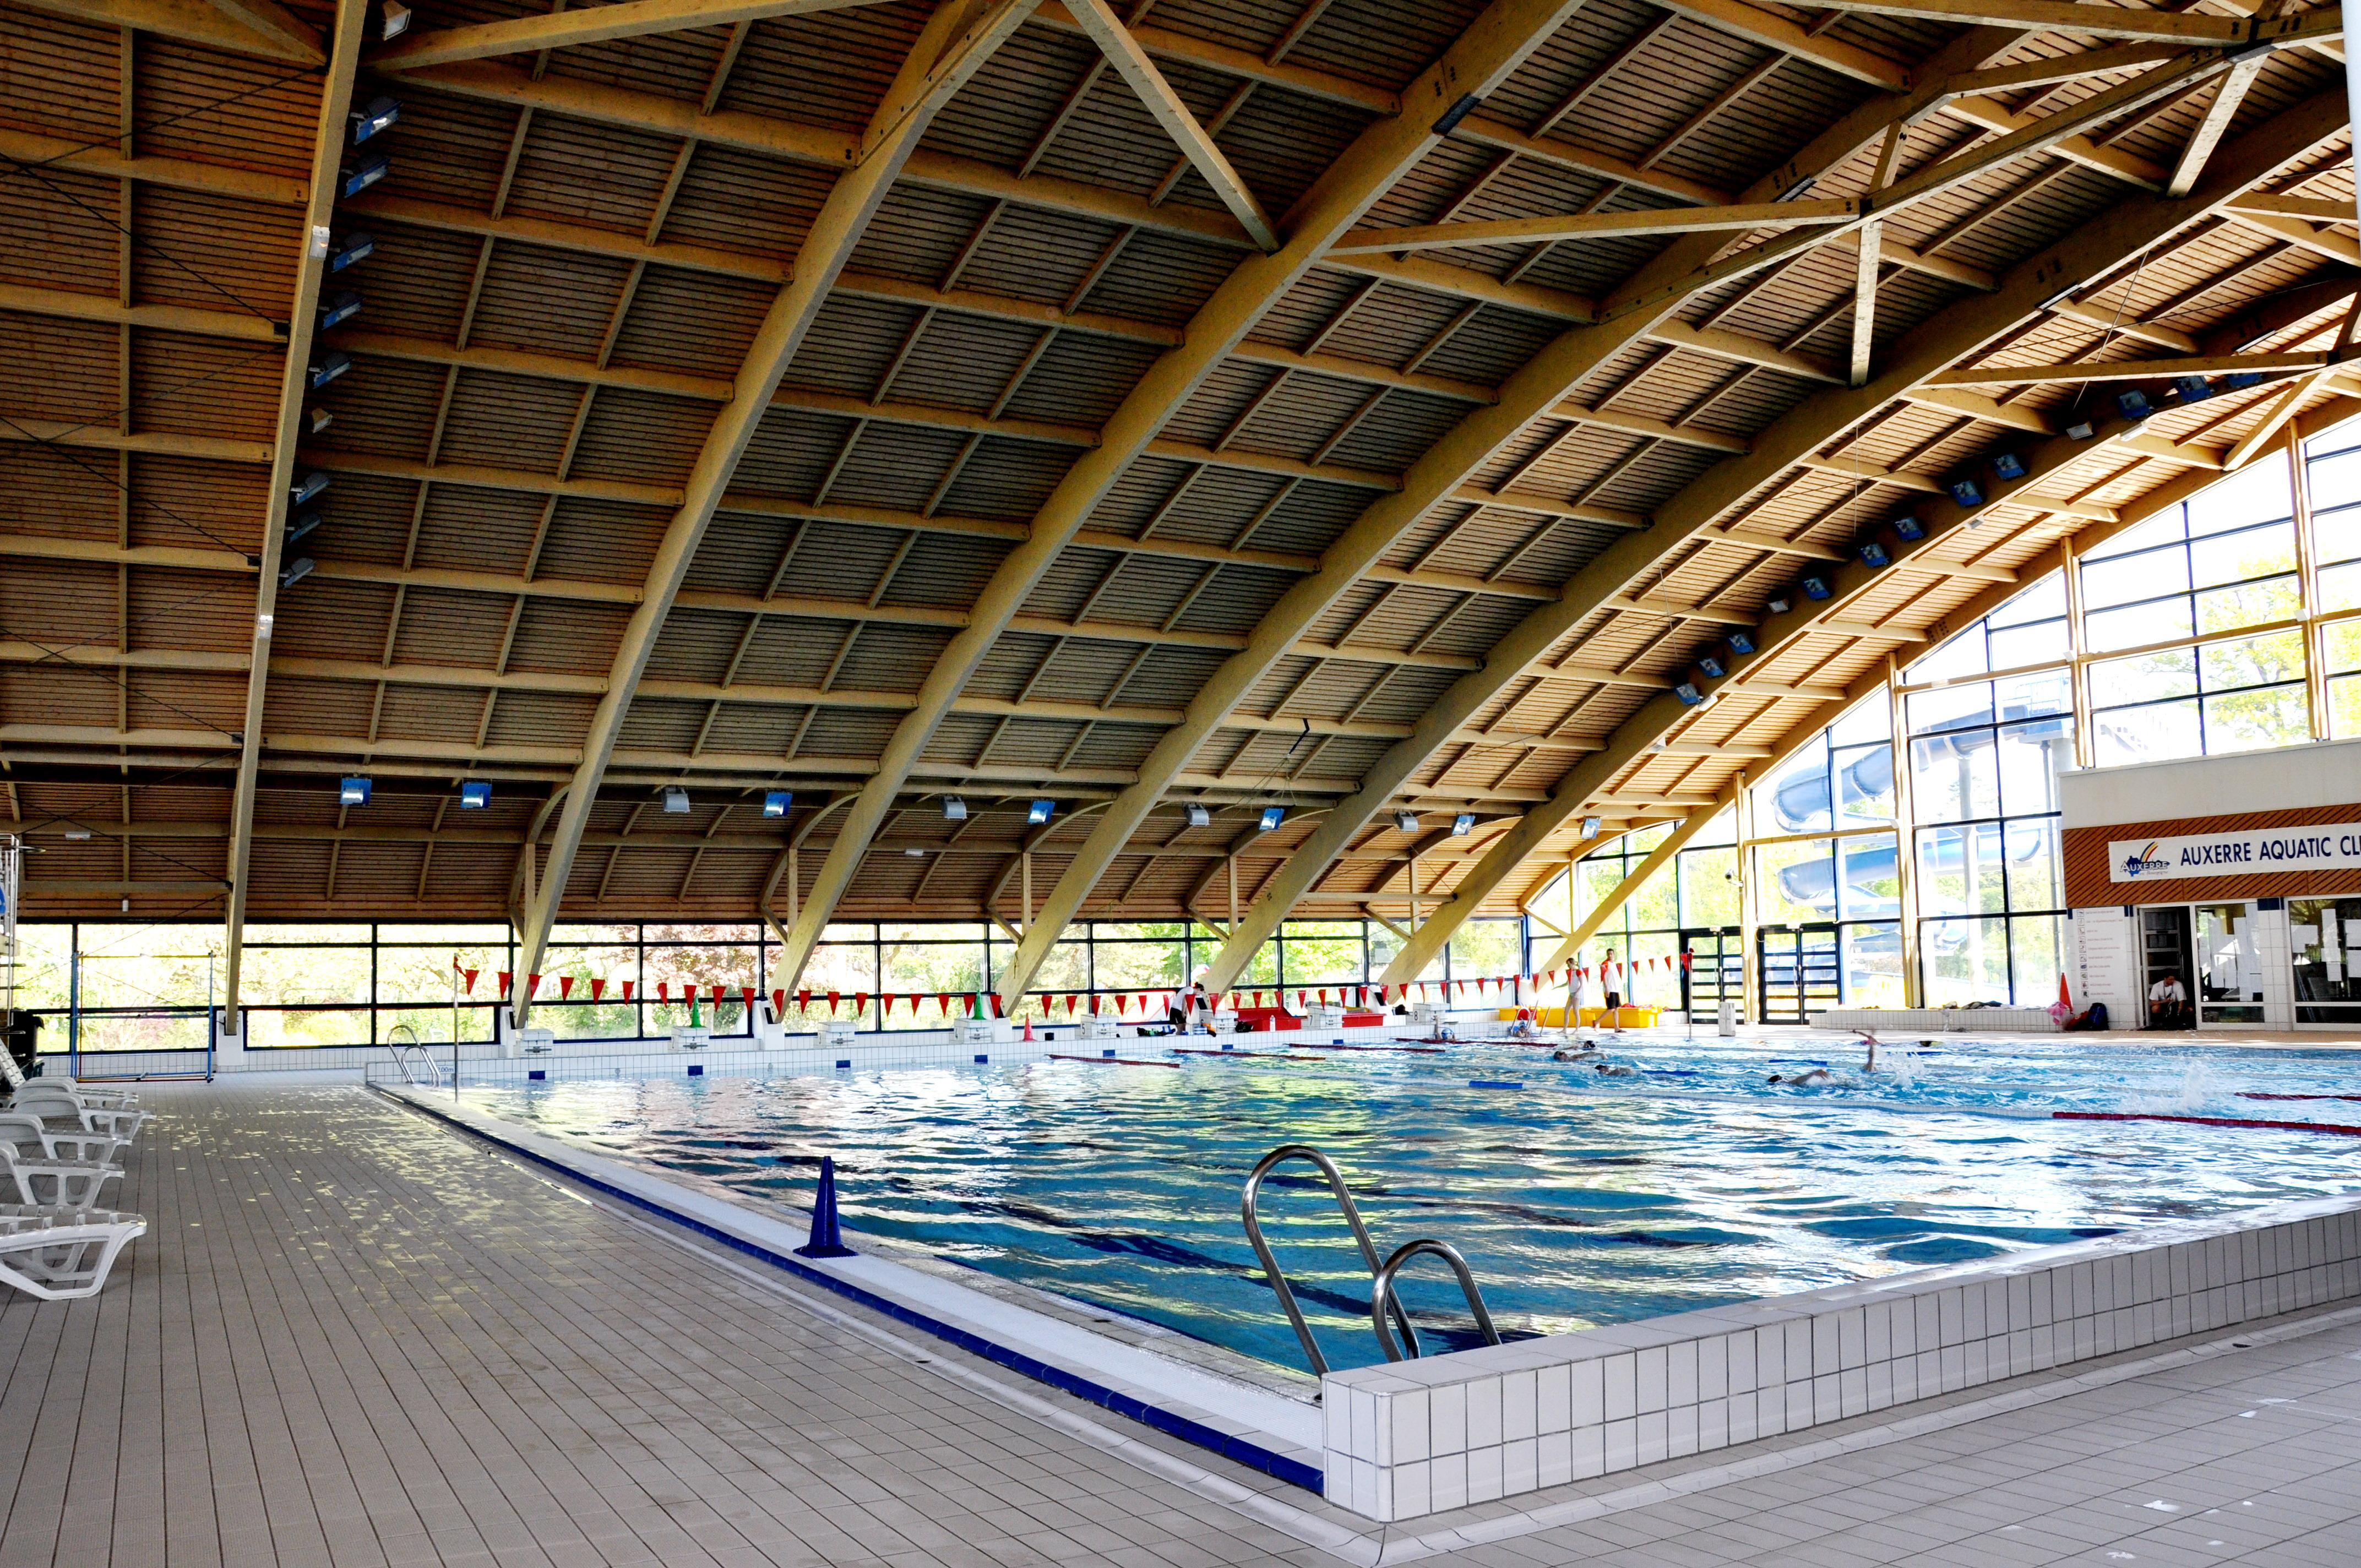 piscine d 39 auxerre sport anim e ville d 39 auxerre